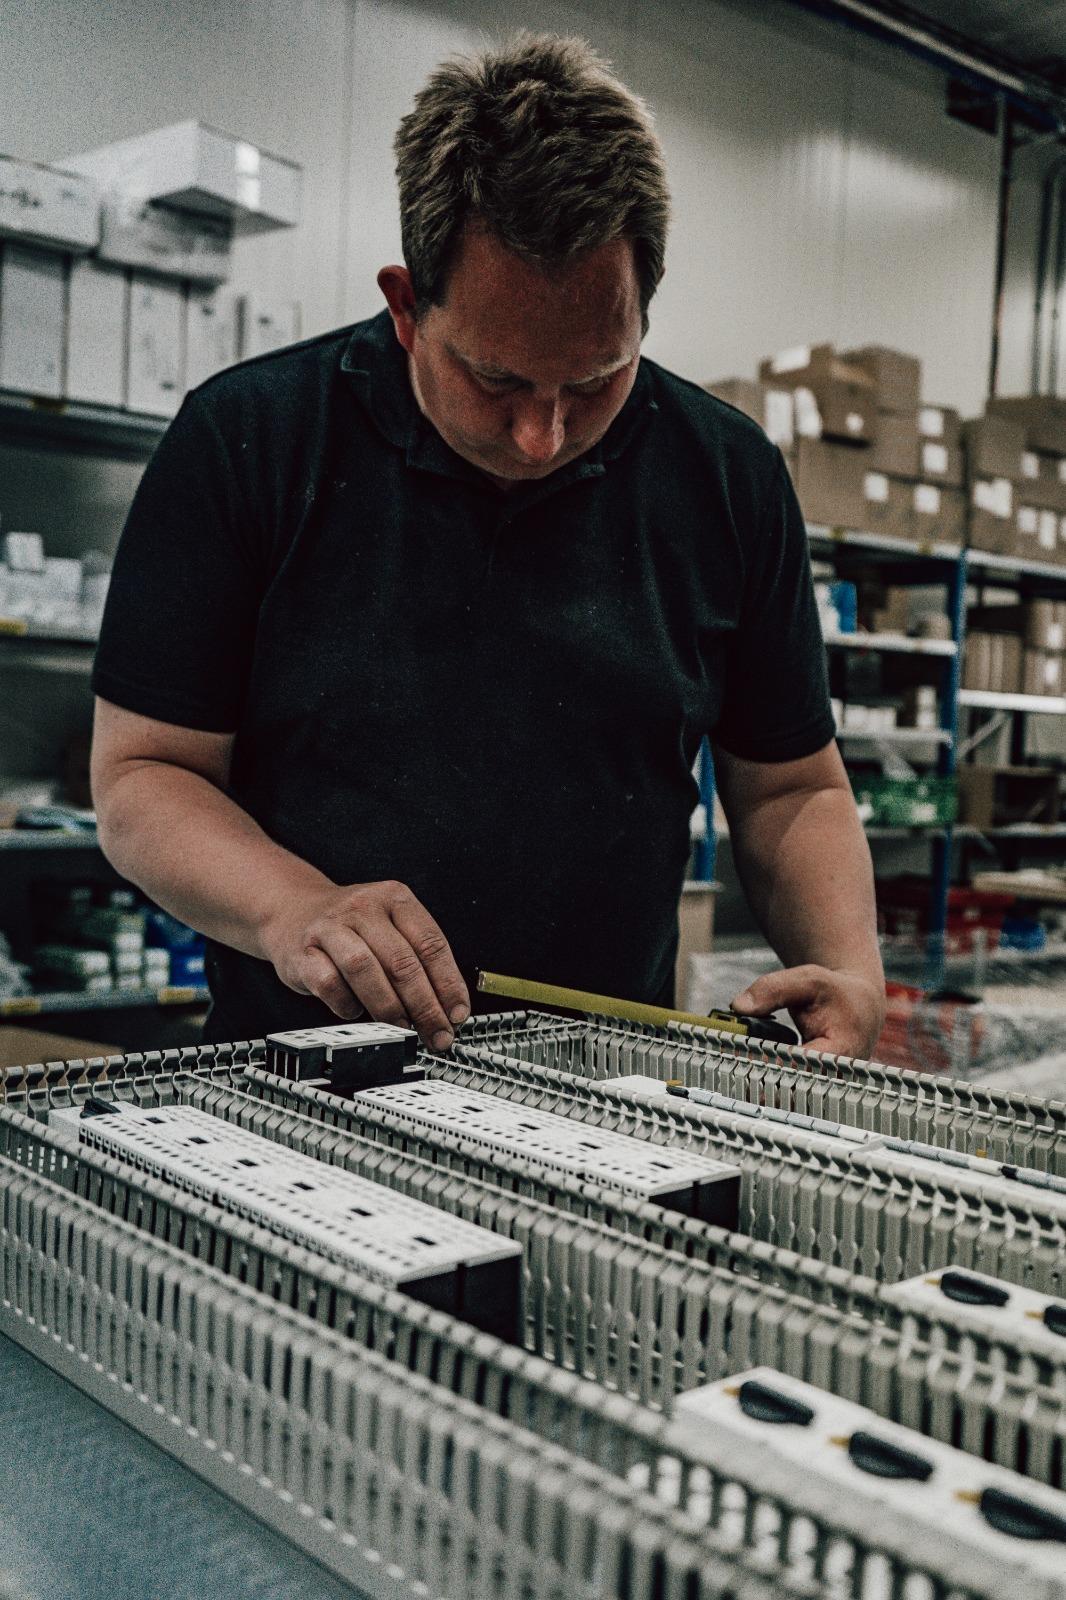 ervaren elektra monteur barneveld | workz uitzendbureau putten gelderland | etb van de beek b.v. vacature ervaren elektra monteur  collega